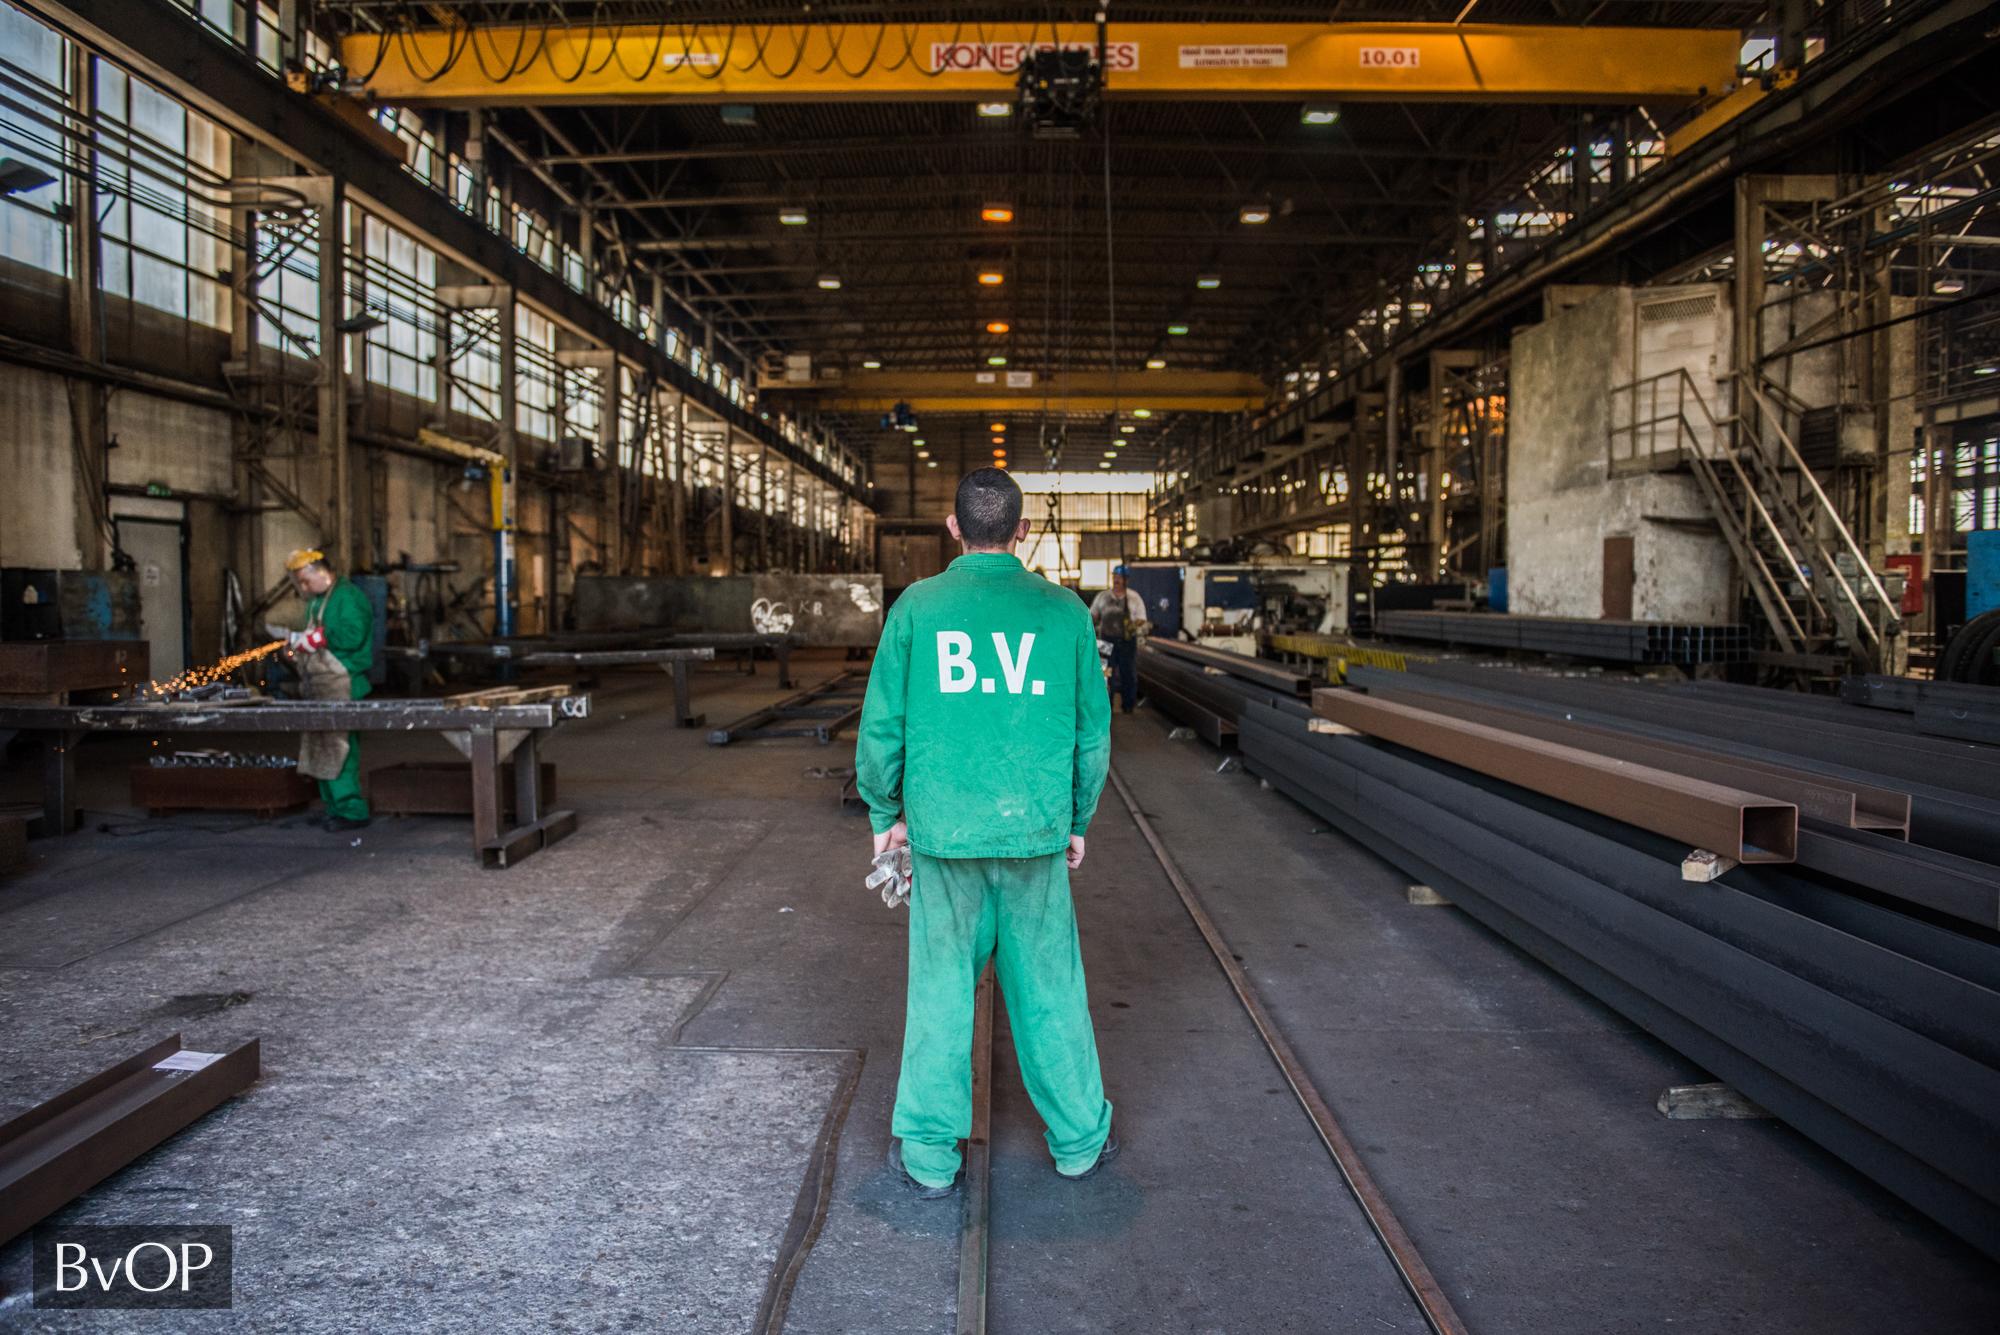 Fogvatartottak dolgoznak az Ideiglenes Biztonsági Határzár elemein a dunaújvárosi vasműben